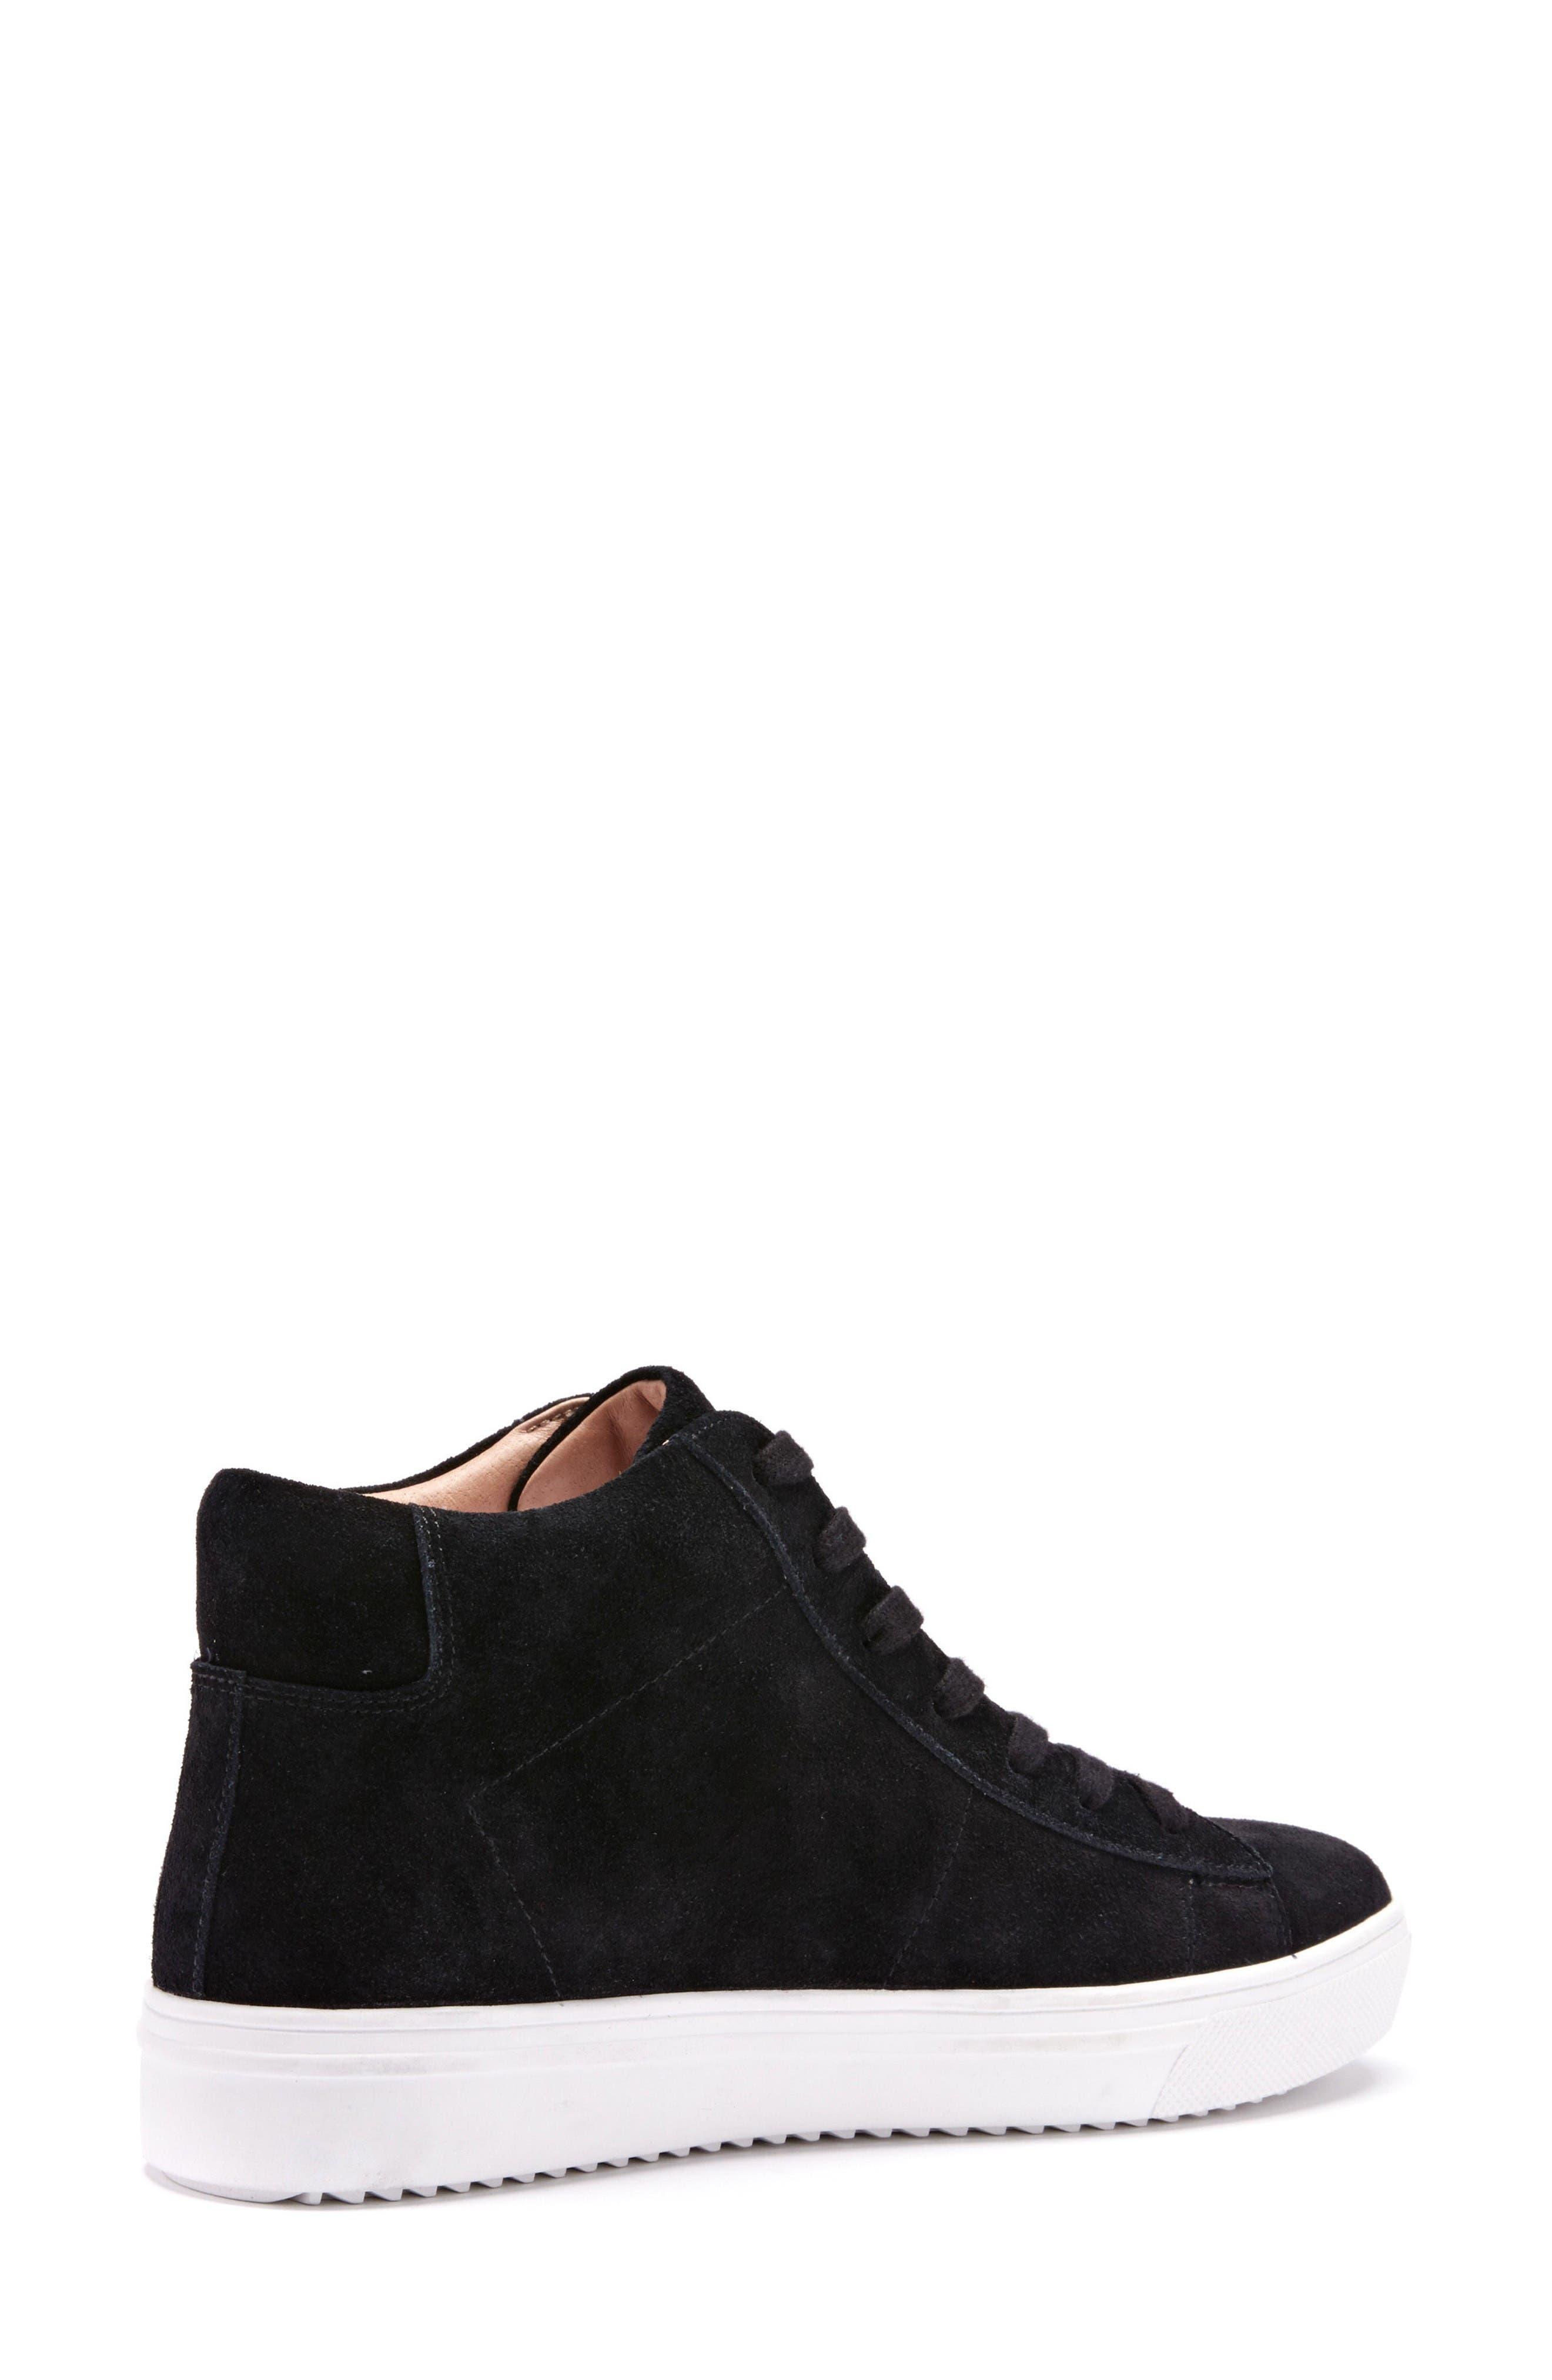 Jax Waterproof High Top Sneaker,                             Alternate thumbnail 2, color,                             Black Suede